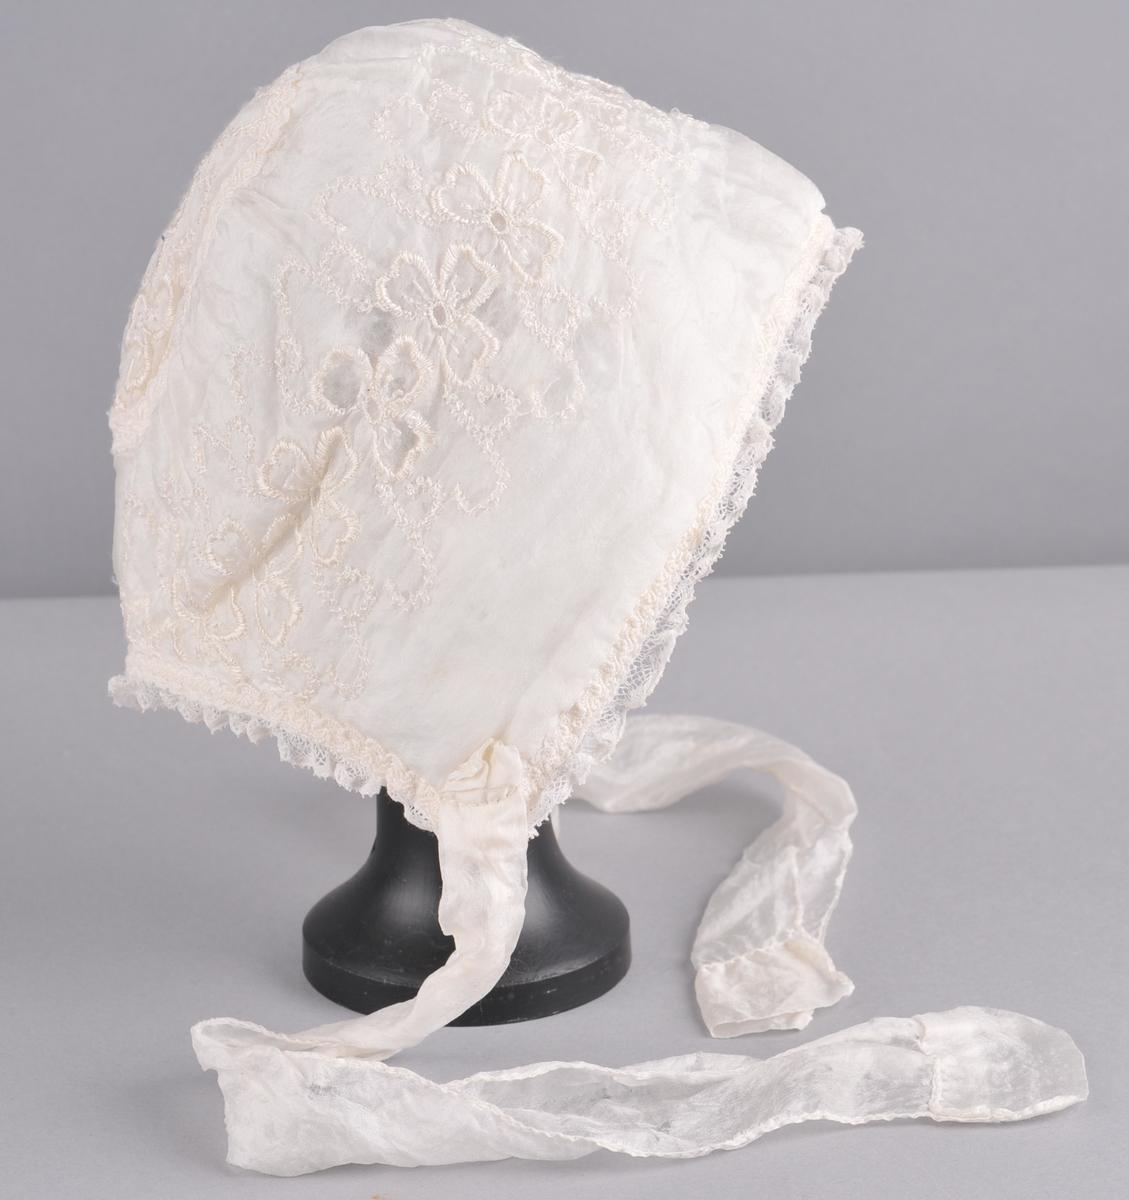 Kvit luve av silke med maskinbroderi. Luva er eit rektangulært stykke stoff som har saum midt bak og rynker mot ein sirkel med diam. på 9cm. Saumen er skjult av ei kvit kroklisse i silke. Blondedekor langs ytterkant  framme og i nakken på luva, med kroklisse av silke over. Foret på luva har same snitt som ytterluva, er av bomullslerret og vattera. Knytebanda er  av kvit silke.